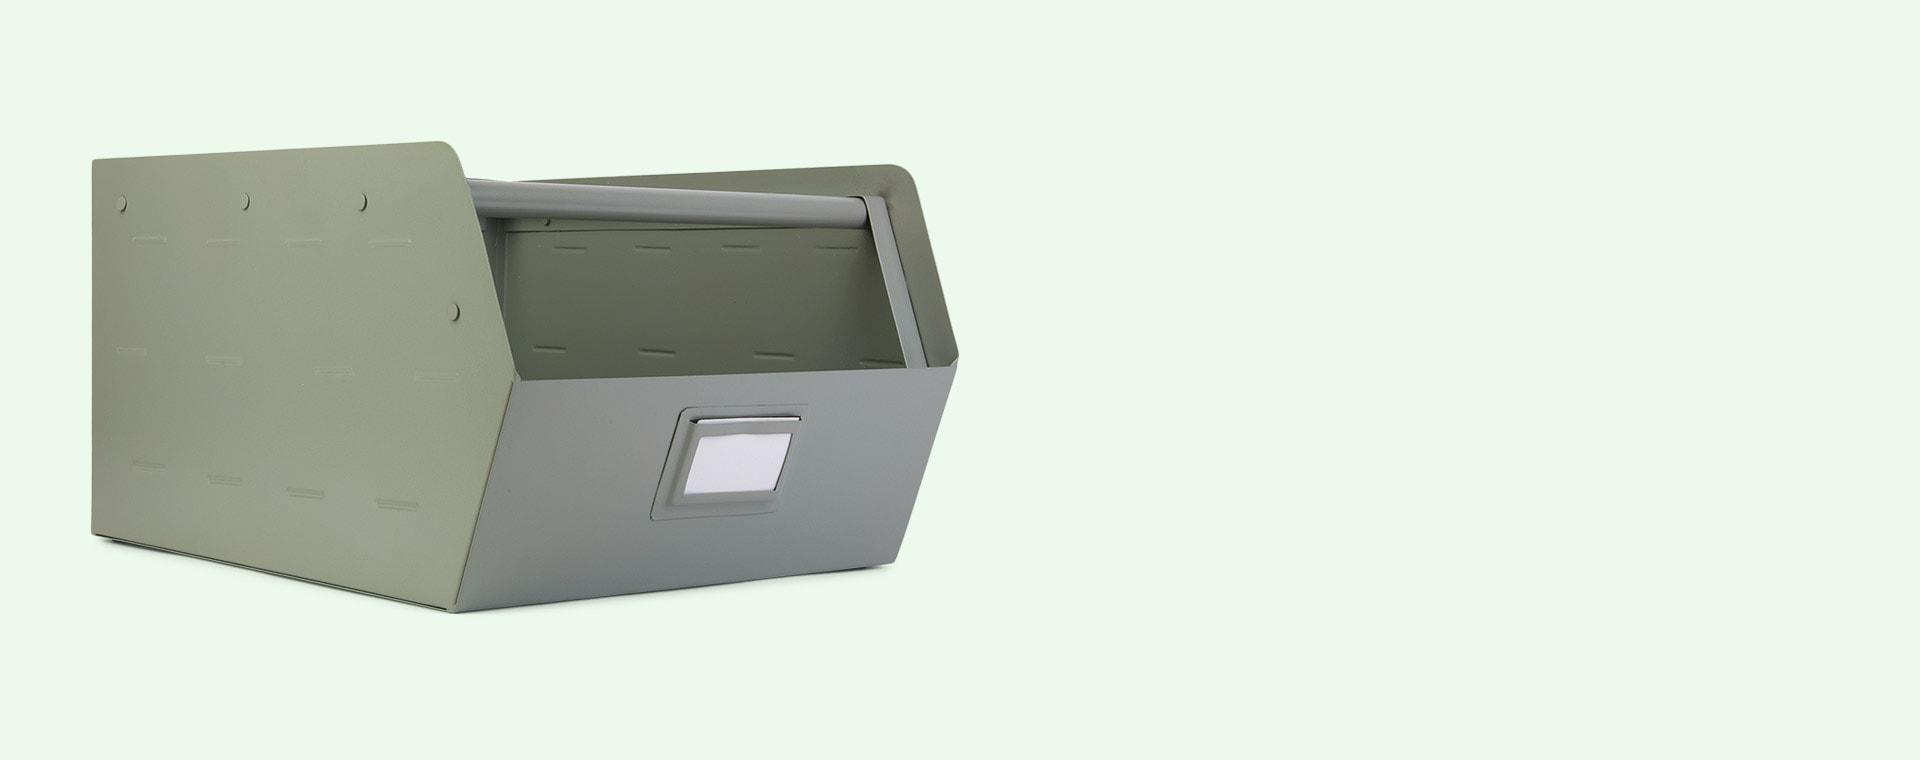 Seagreen Kids Depot Metal Storage Box